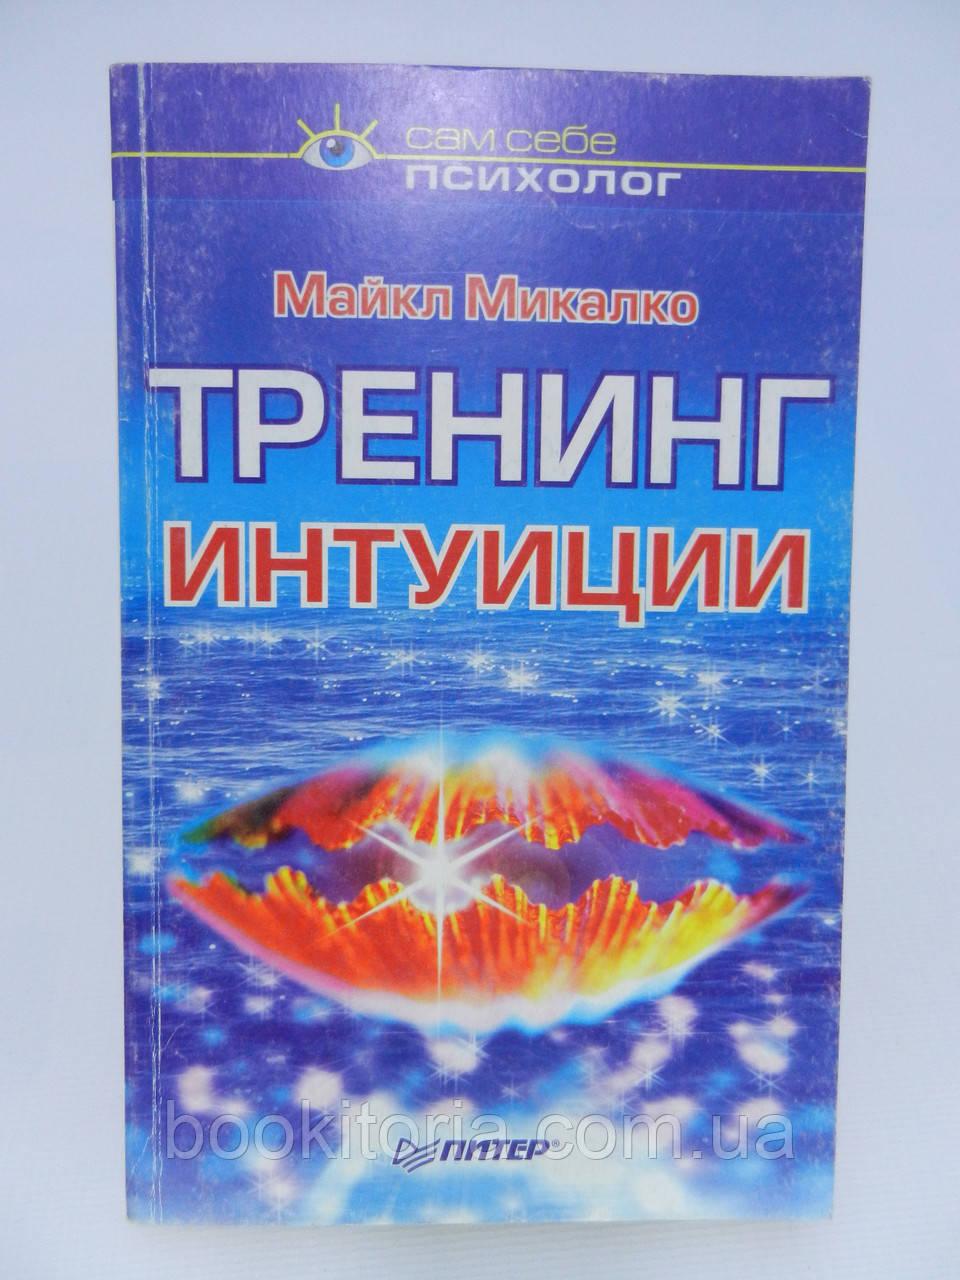 Микалко М. Тренинг интуиции (б/у).